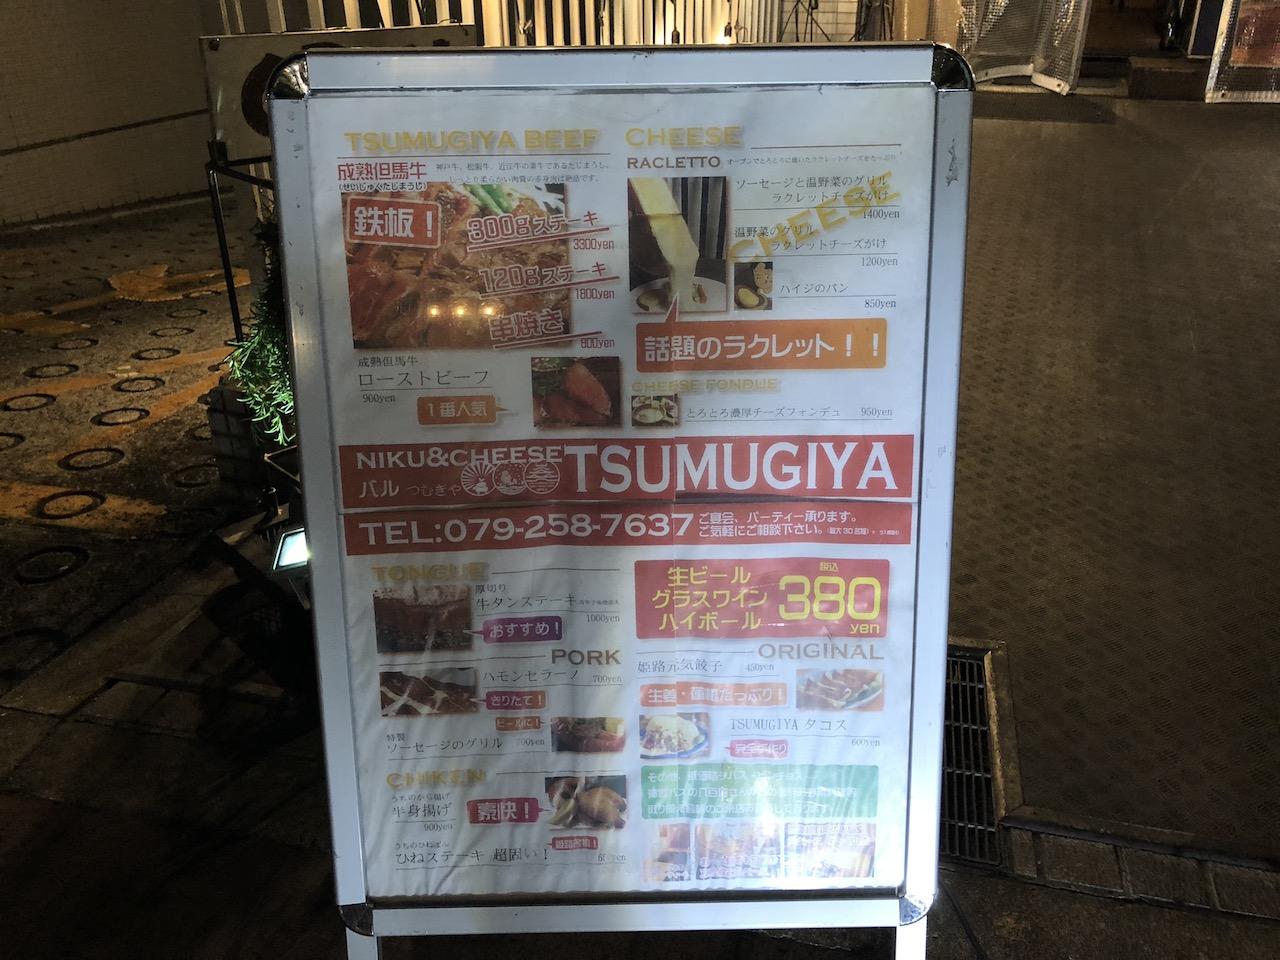 姫路駅前バスターミナルからすぐ!肉バルのTSUMUGIYA(つむぎや)がちょい飲みの穴場かもね!